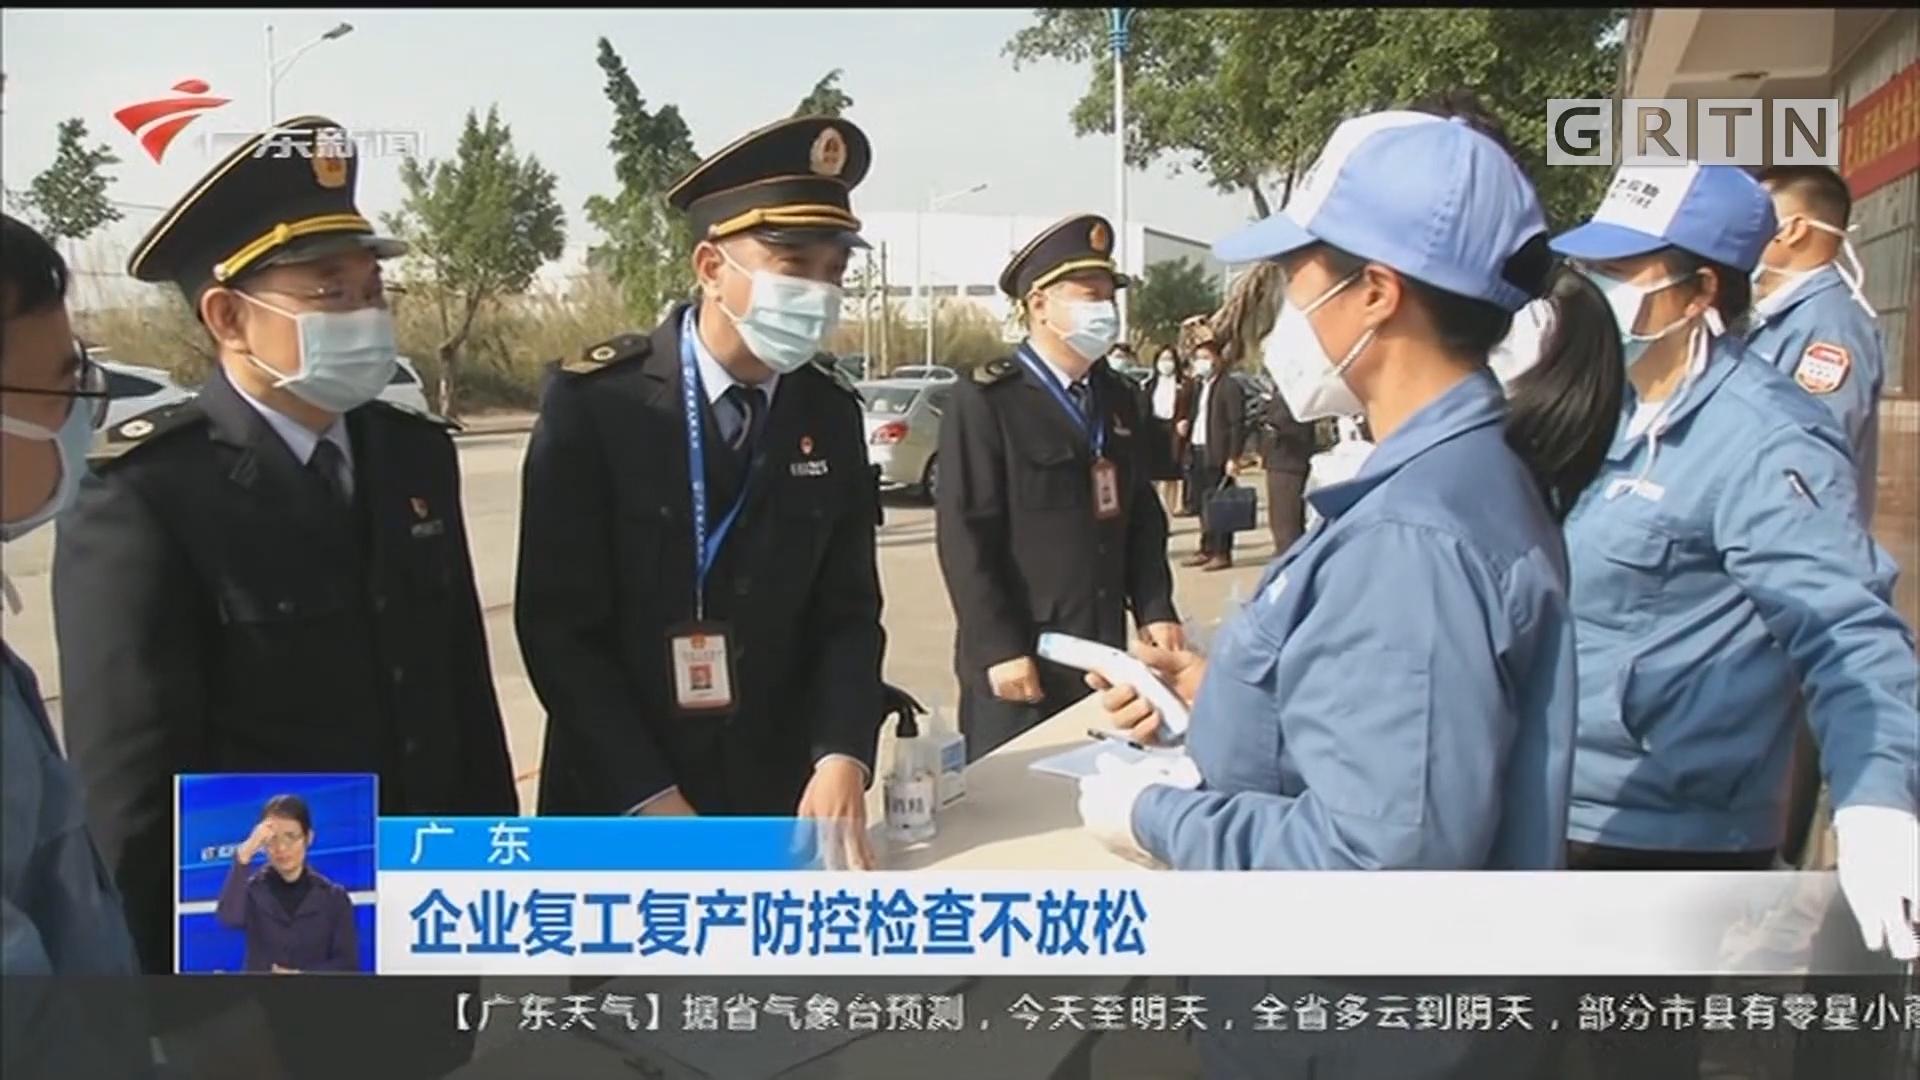 广东 企业复工复产防控检查不放松